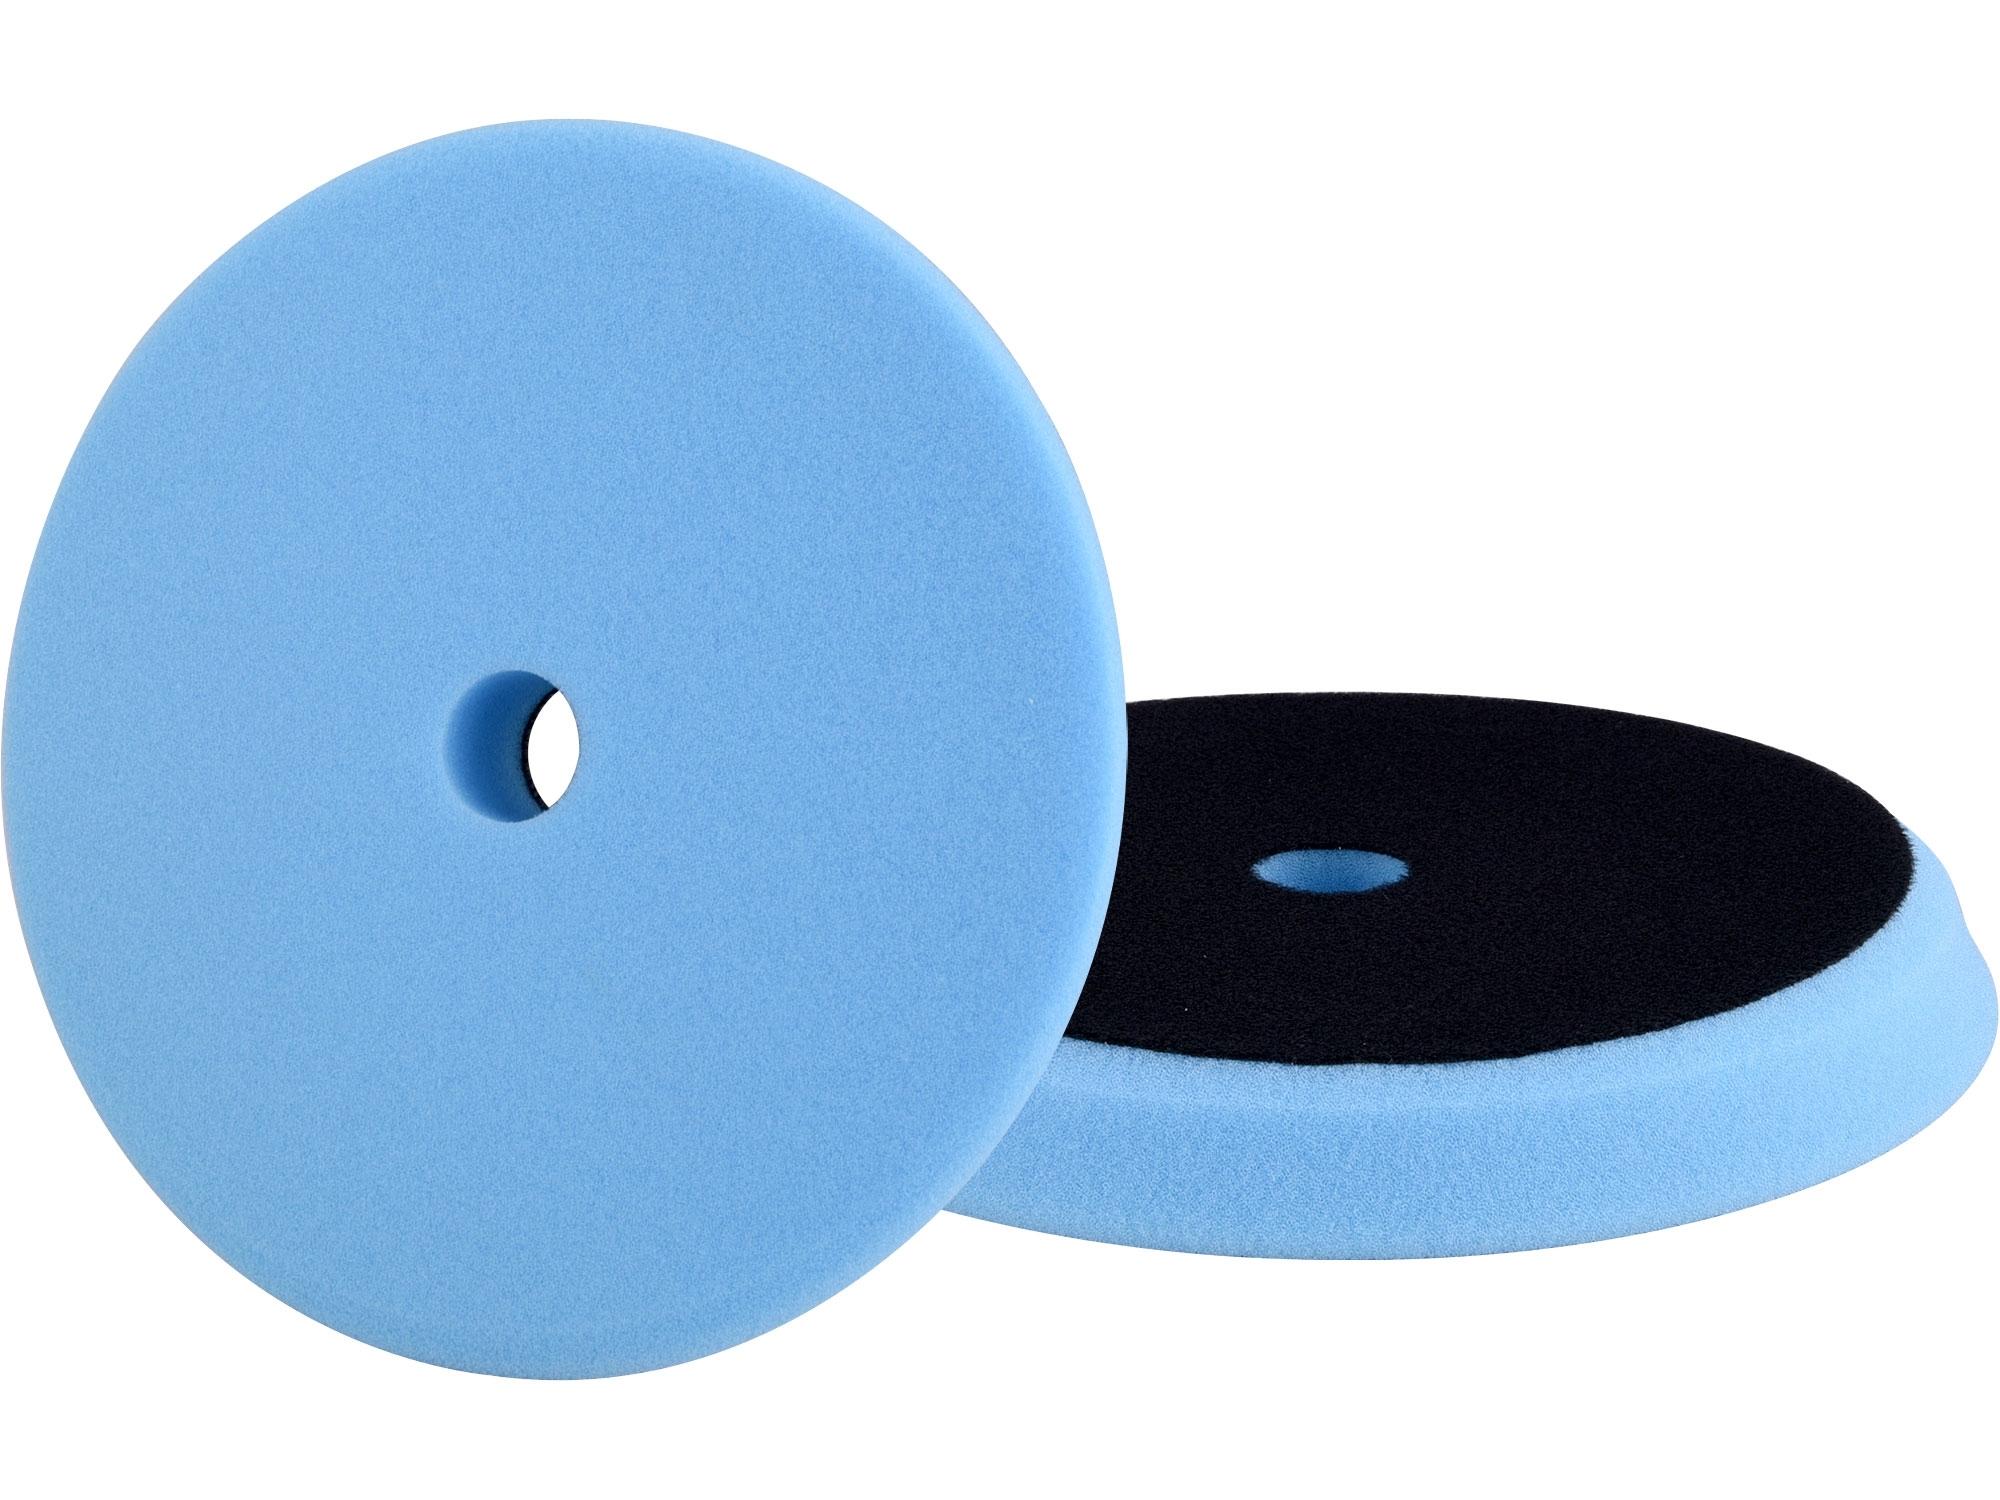 kotouč leštící pěnový, orbitální, T60, modrý, O150x25mm, suchý zip O127mm